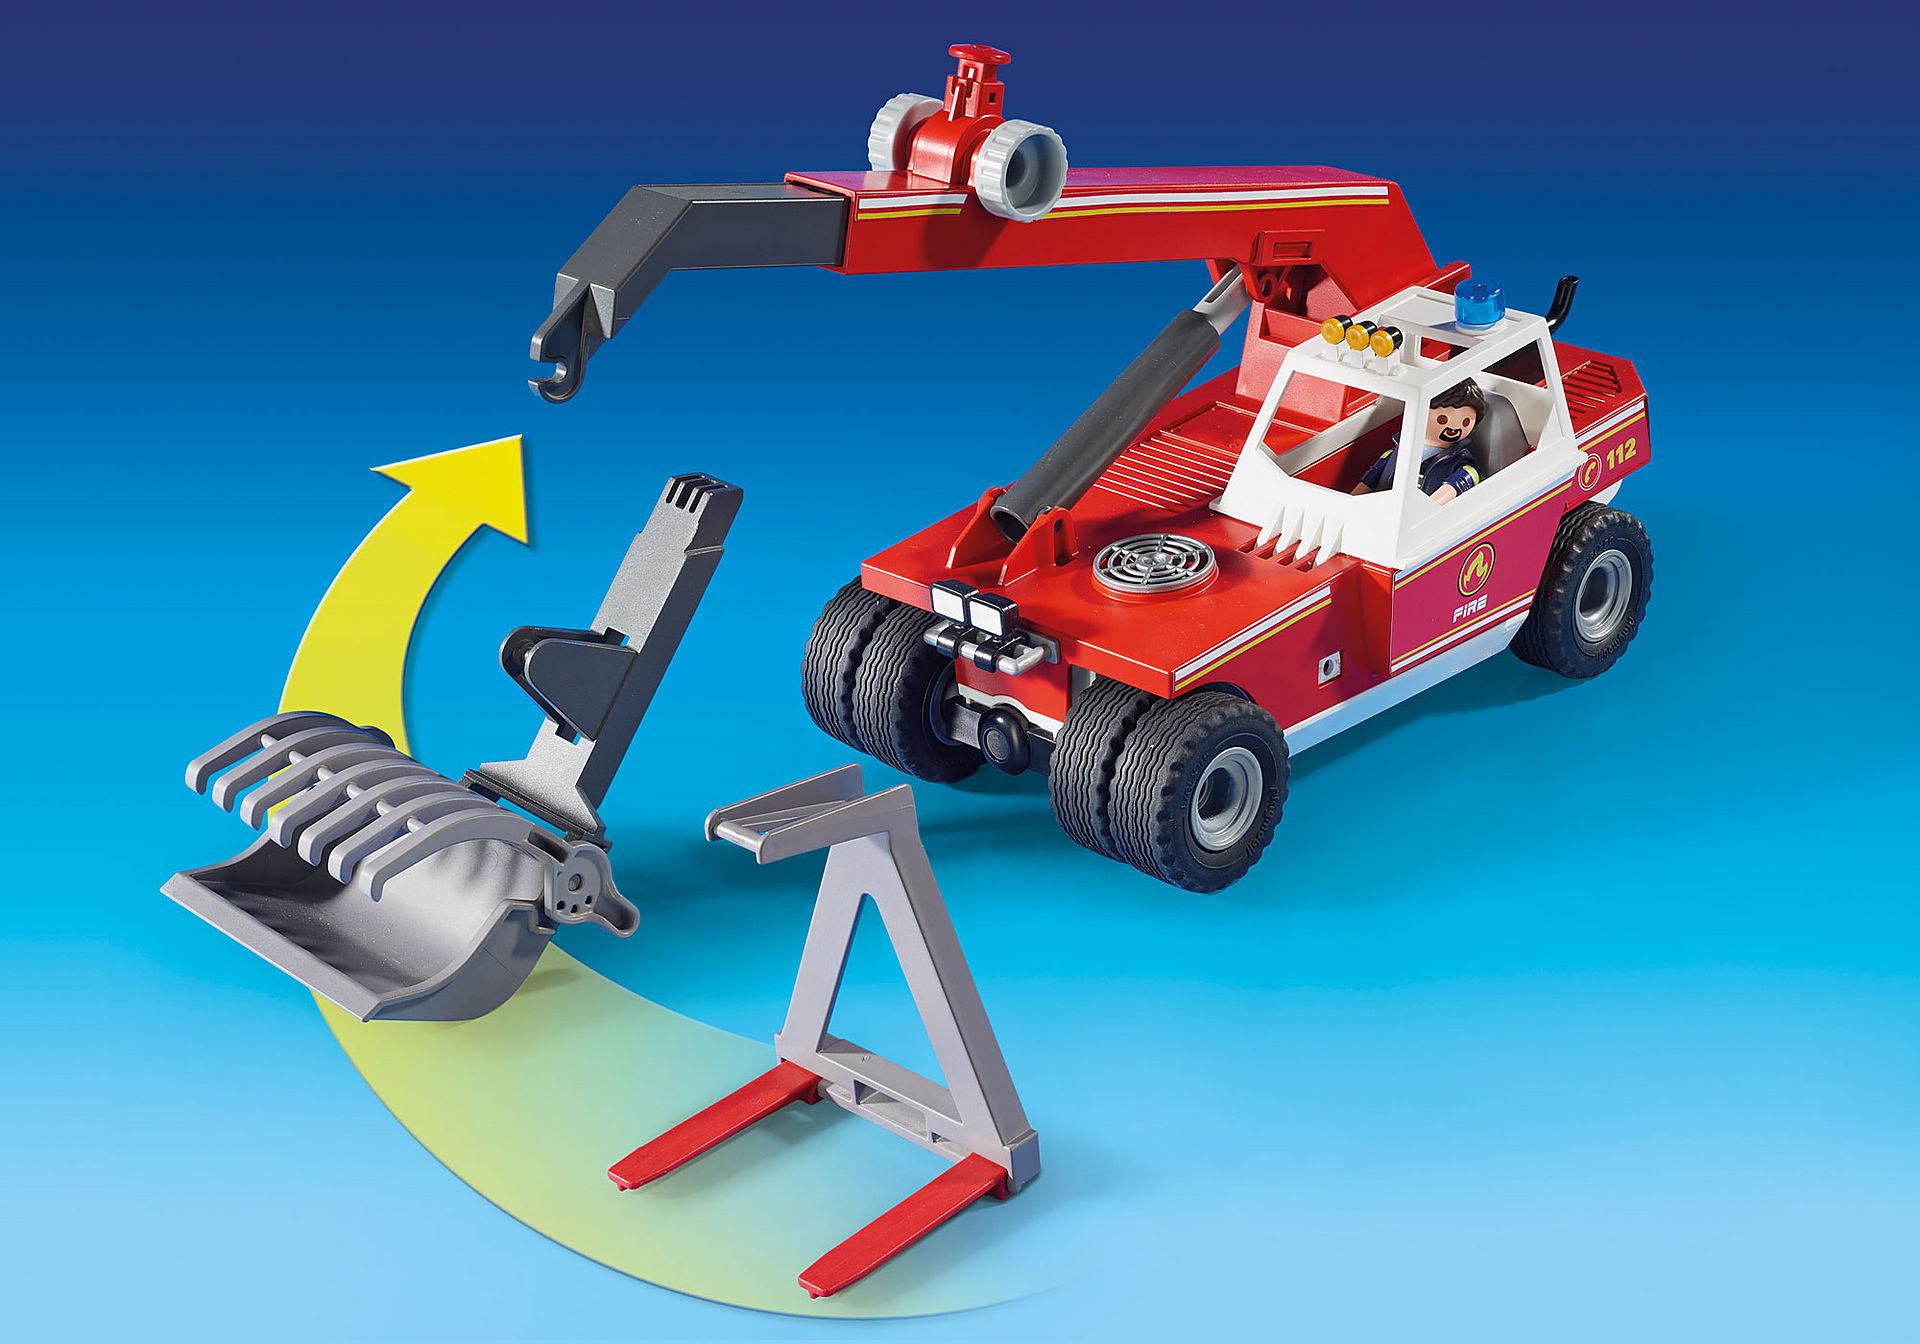 http://media.playmobil.com/i/playmobil/9465_product_extra1/Fire Crane